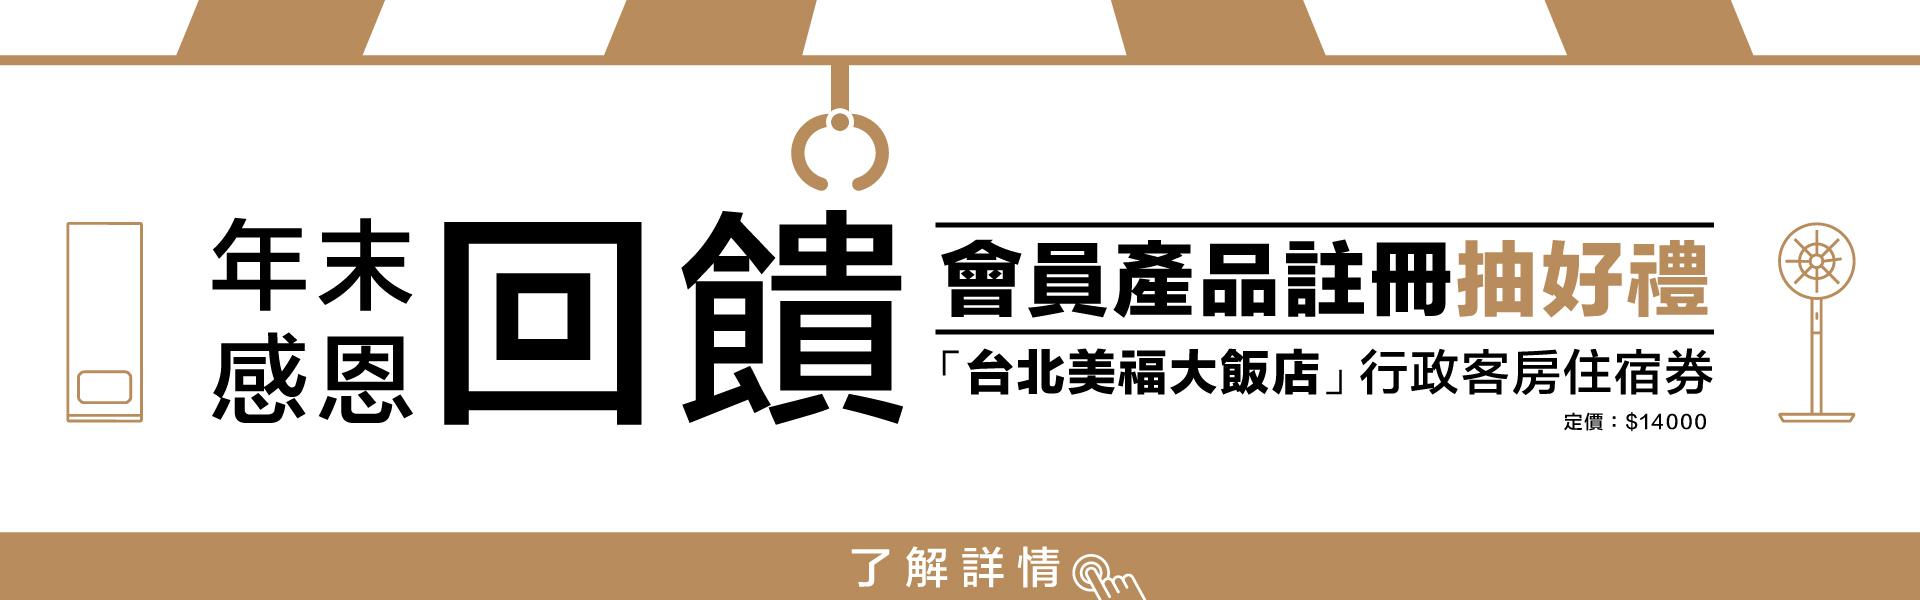 【BALMUDA 2020年末感恩回饋】抽台北美福大飯店住宿券